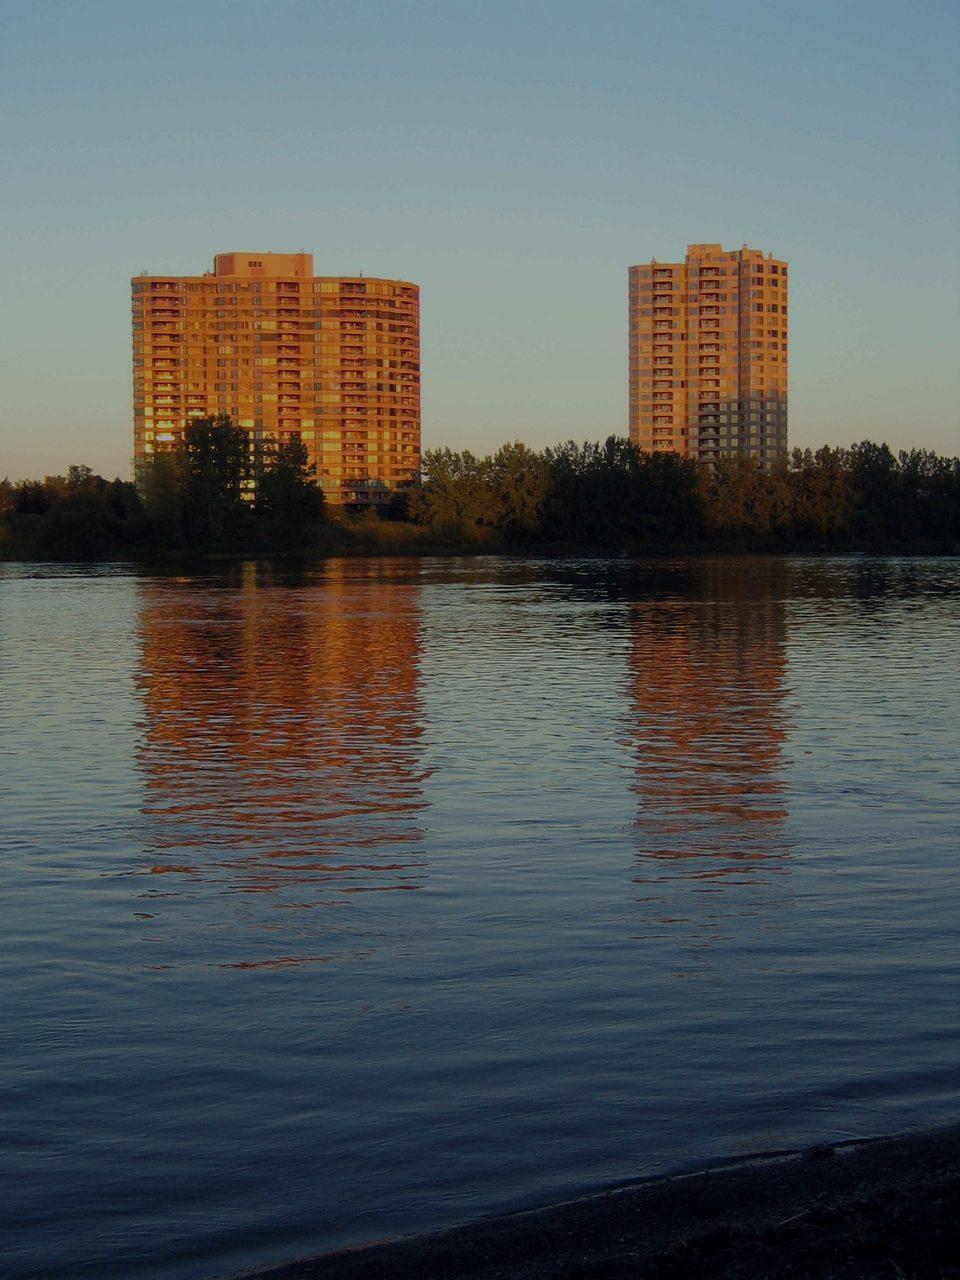 Nuns' Island, le hotspot de luxe à Montréal & Environs - Canada